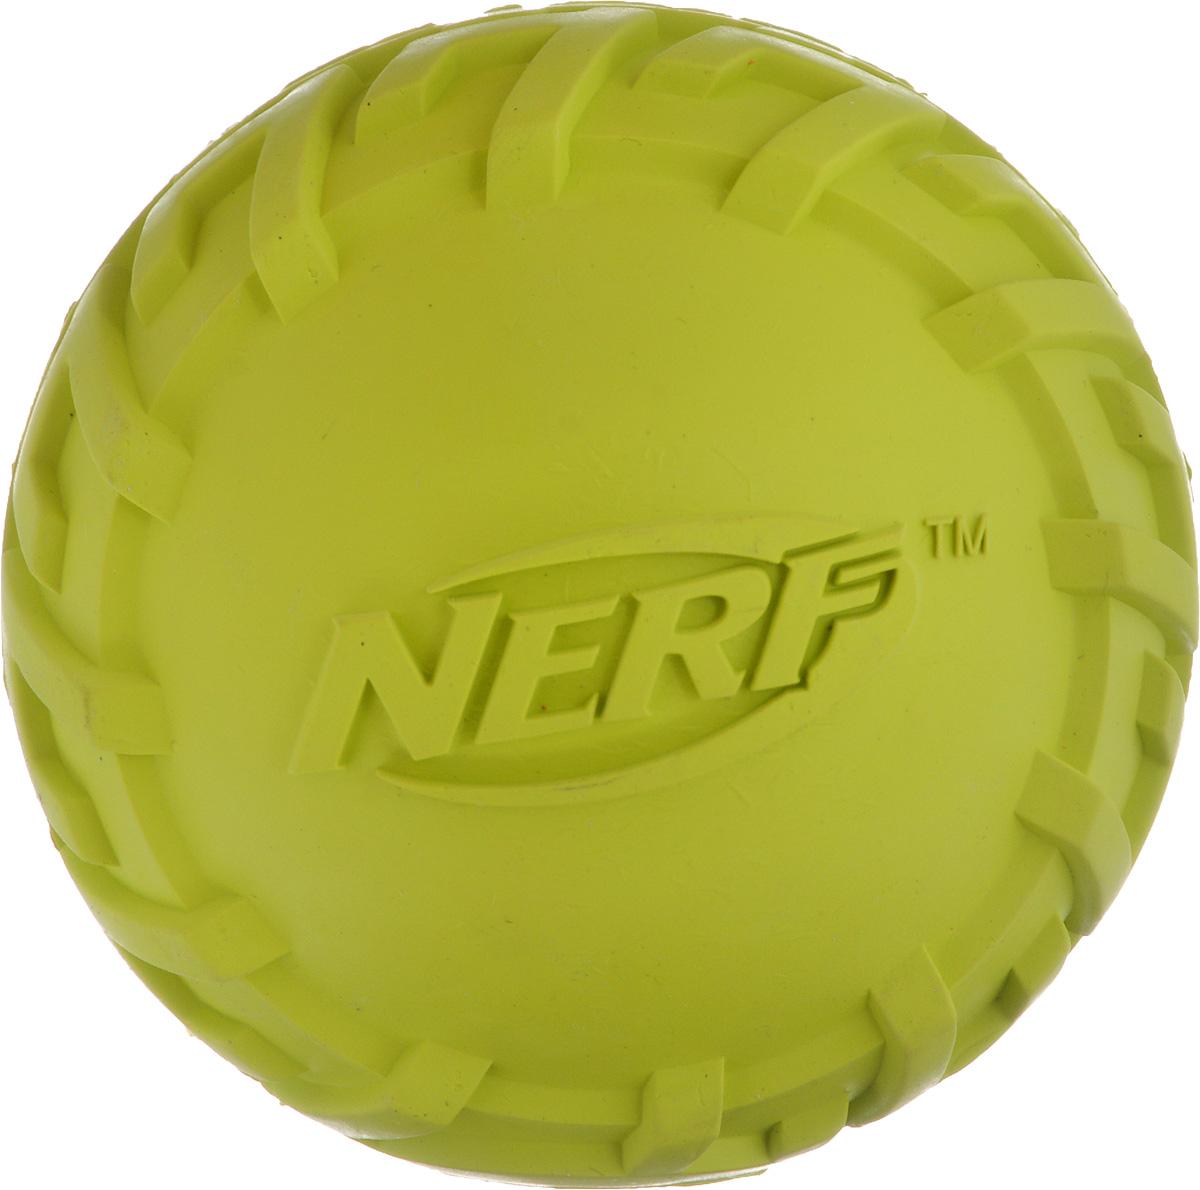 Игрушка для собак Nerf Шина. Мяч, с пищалкой, диаметр 7,5 см0120710Игрушка для собак Nerf Шина. Мяч выполнена из резины в форме мяча с уникальным рисунком протектора шины. Игрушка оснащена пищалкой, что вызовет дополнительный интерес вашего питомца. Такая игрушка порадует вашего любимца, а вам доставит массу приятных эмоций, ведь наблюдать за игрой всегда интересно и приятно. Диаметр игрушки: 7,5 см.